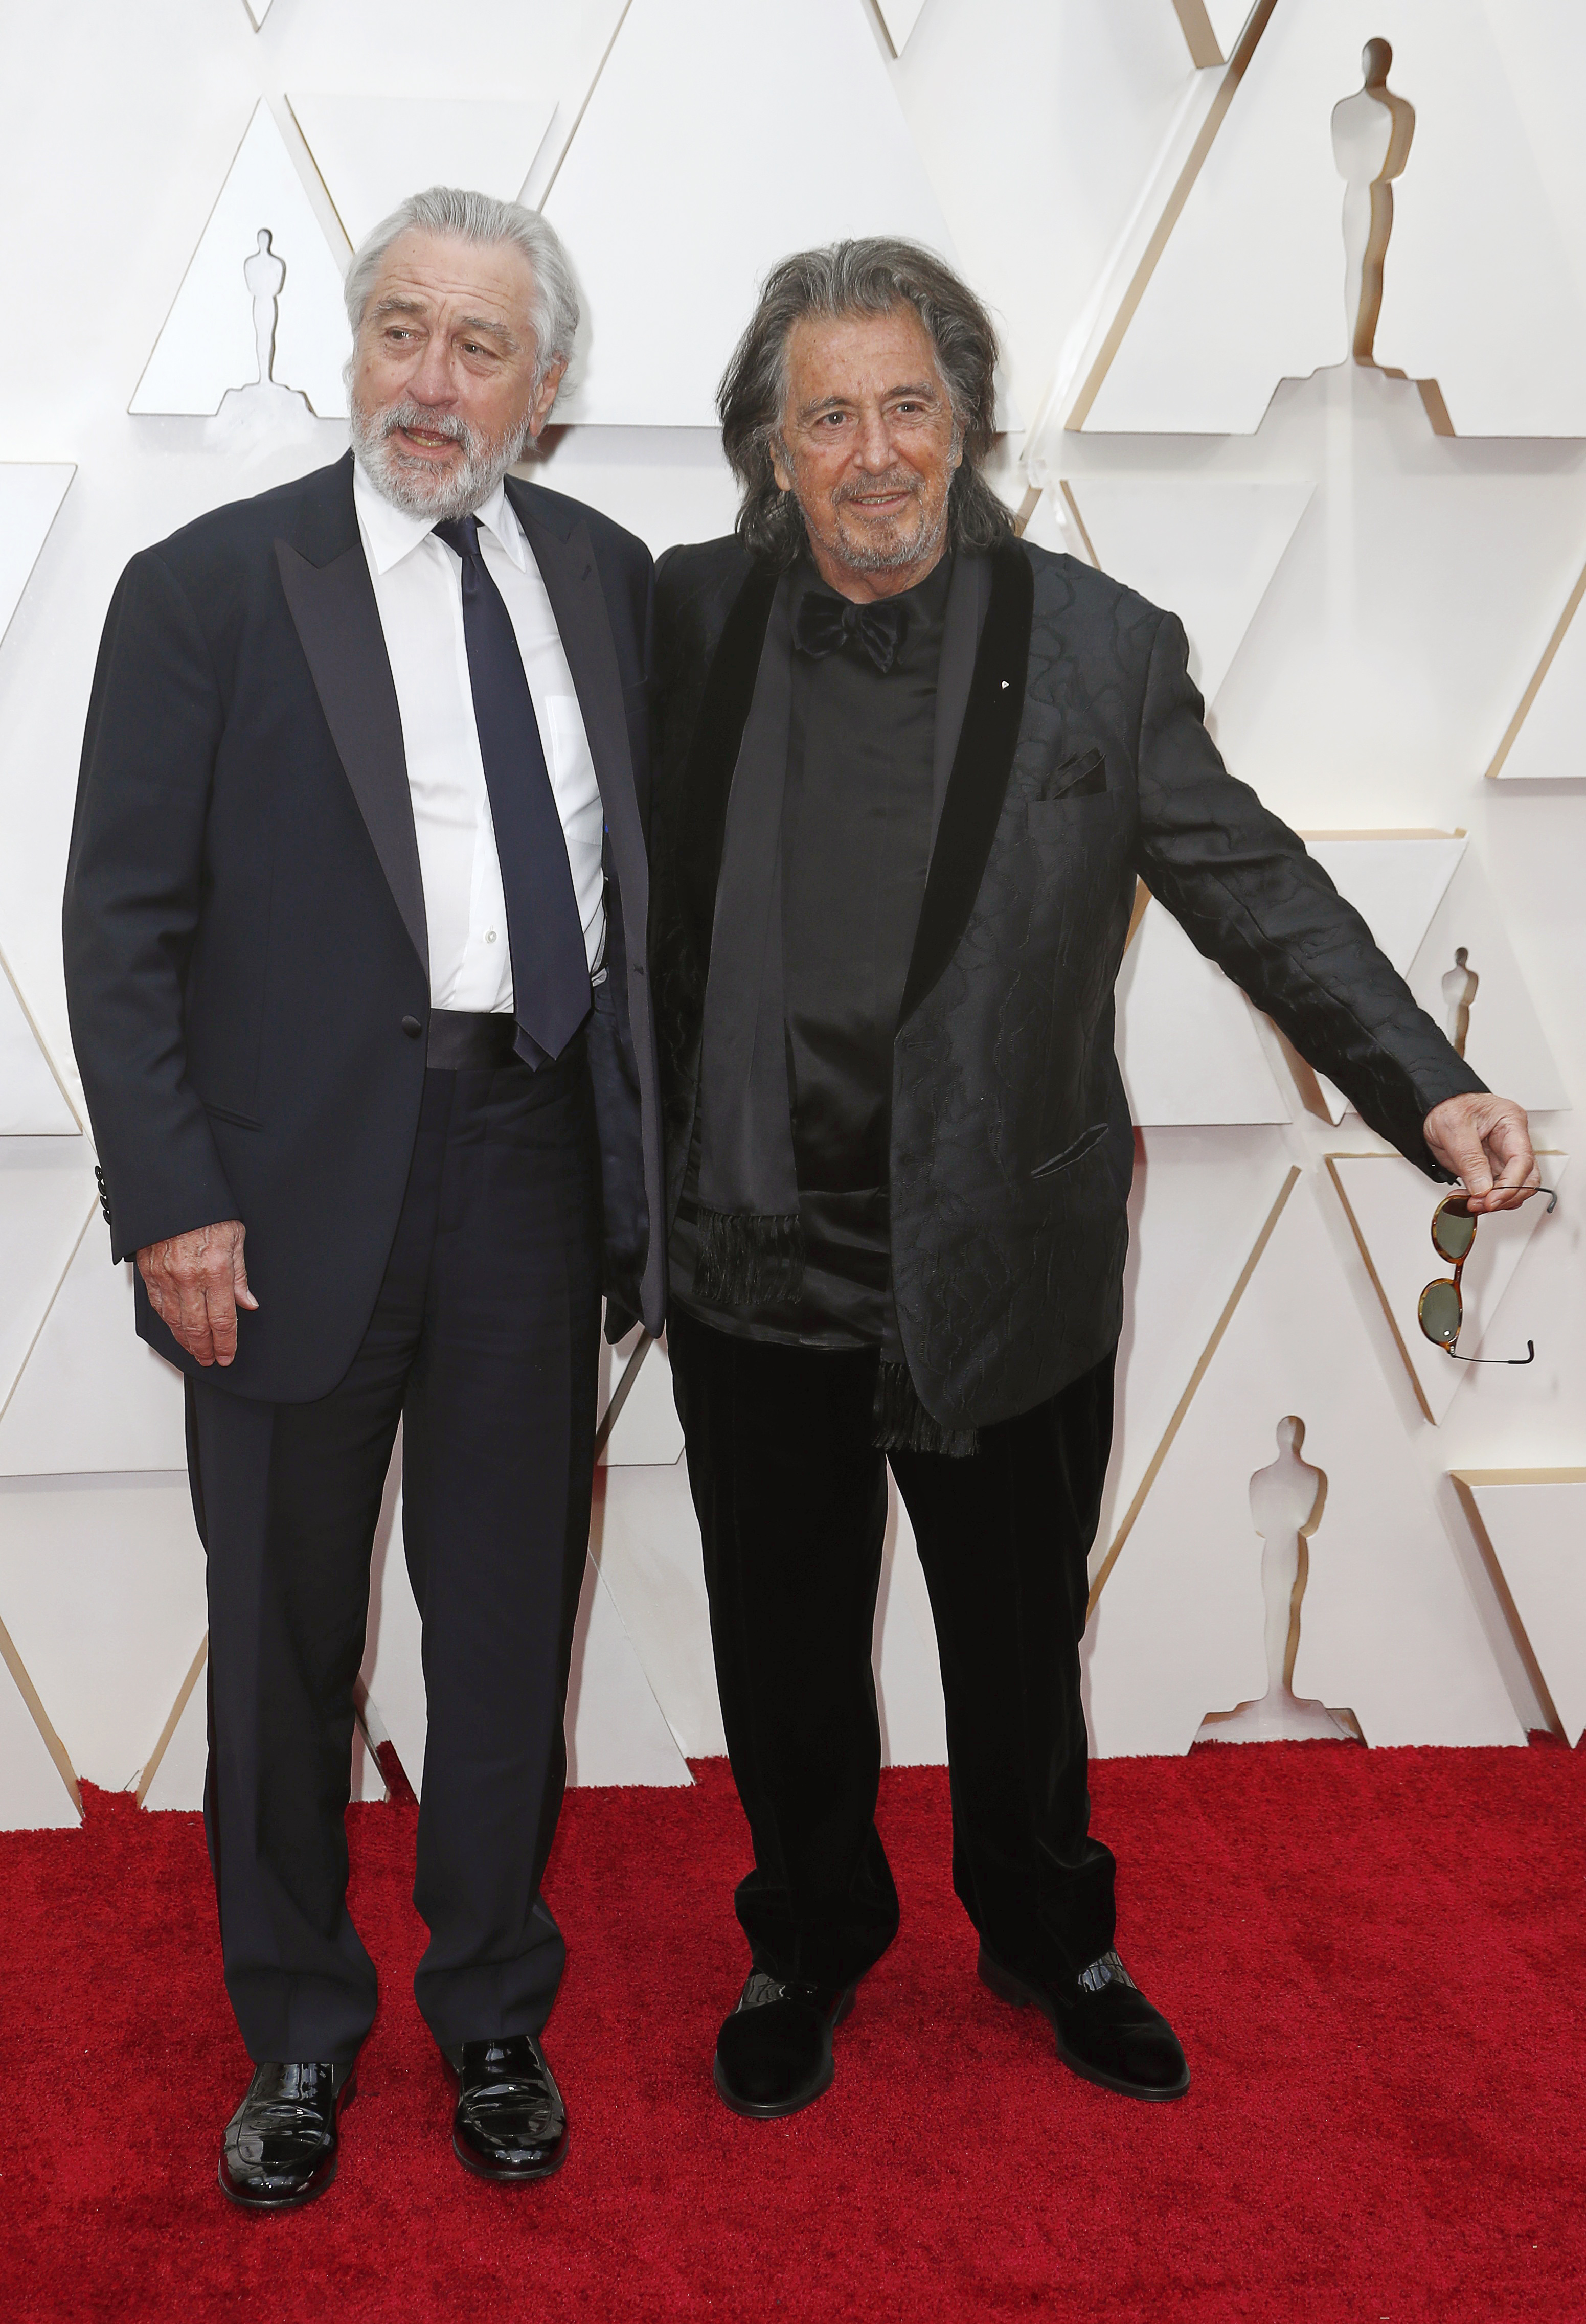 Robert De Niro y Al Pacino. De Niro, apostó a un traje clásico negro con camisa blanca y corbata negra, mientras que Al, optó por un look total black, con pantalón de chiffón y chal